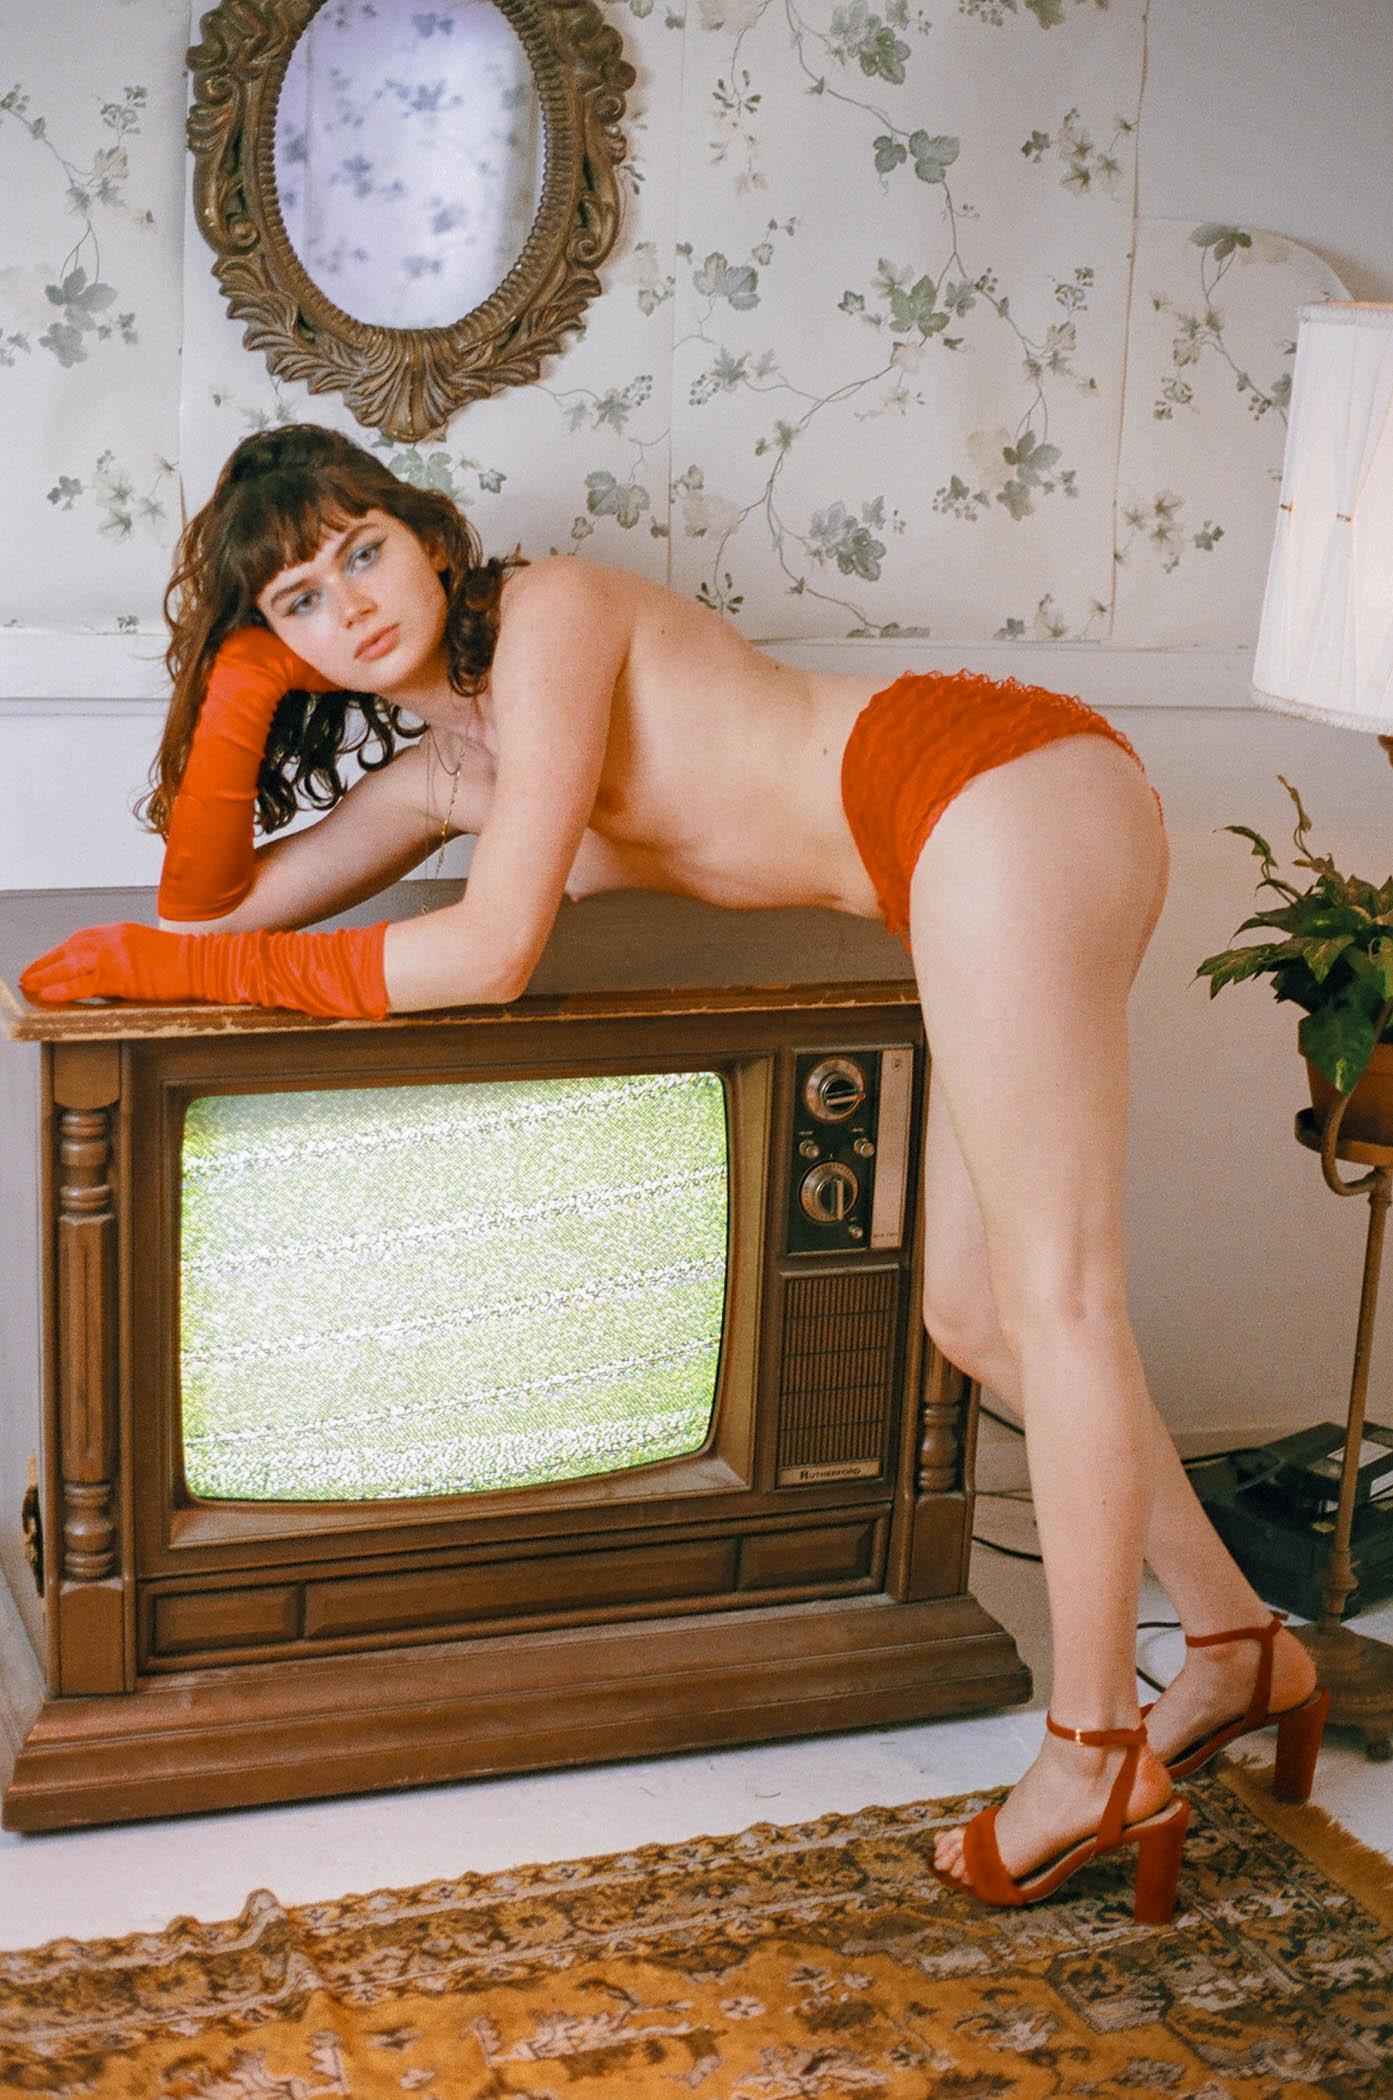 Coi TV-002-3.jpg